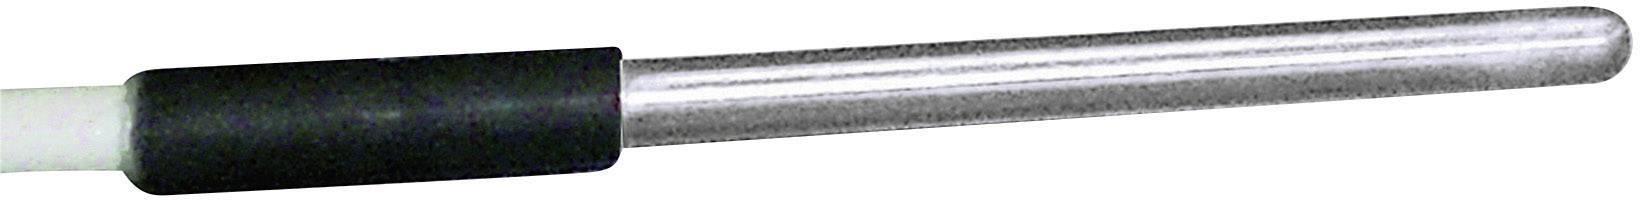 Teplotné čidlo Dostmann Electronic Pt1000, -50 až +125 °C